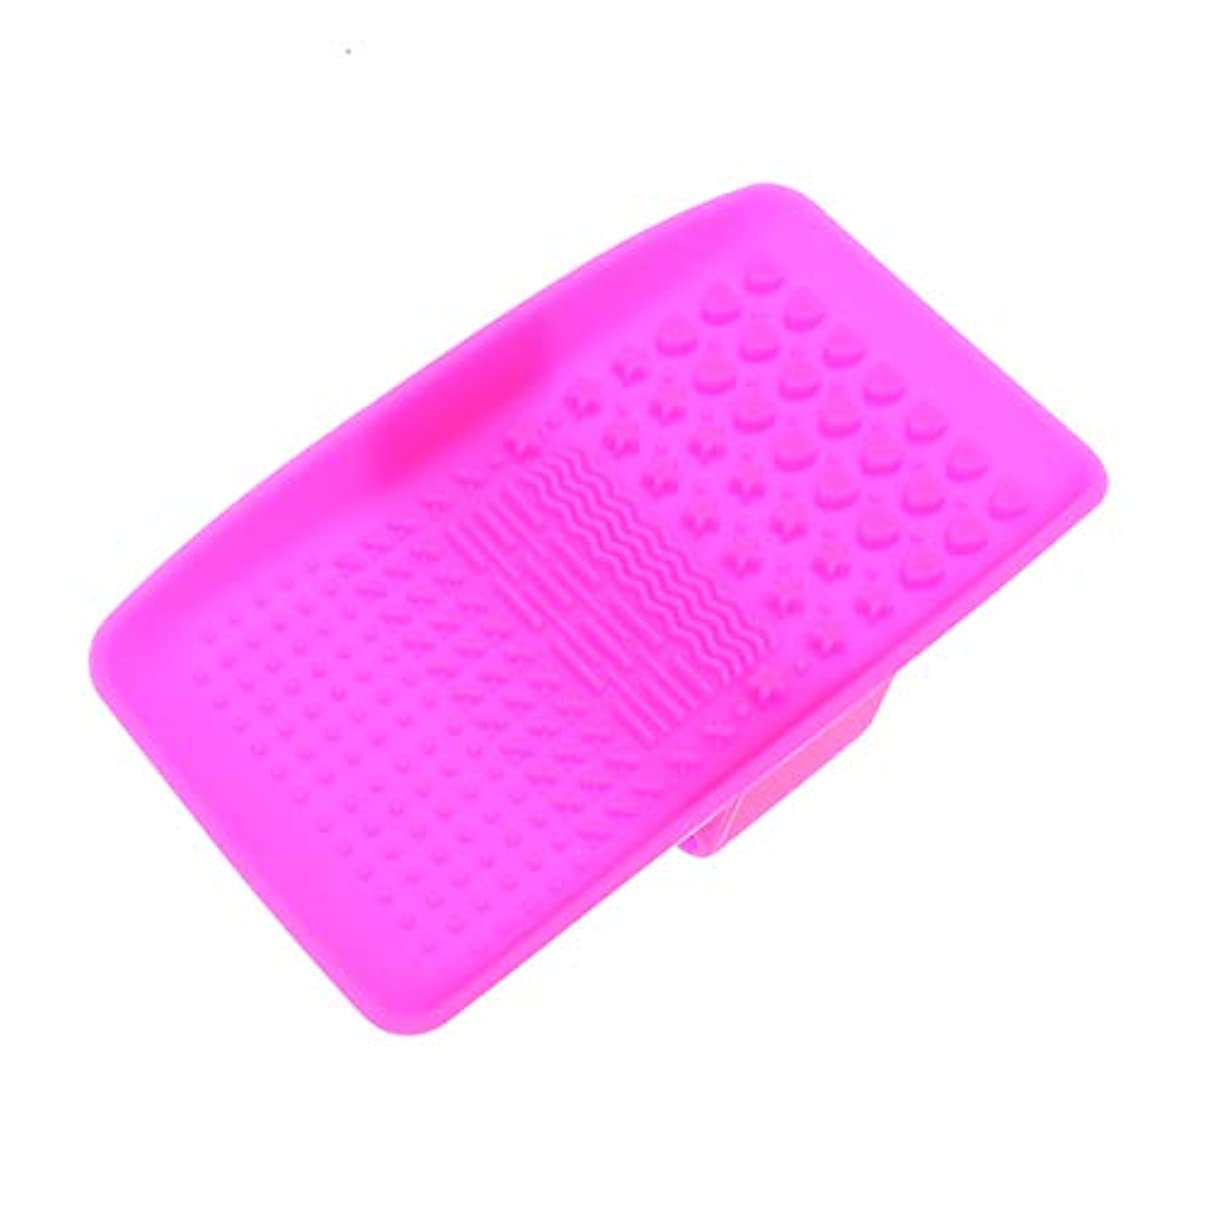 喪世論調査最初Frcolor クリーニングのマット シリコーン化粧品ブラシクリーナースクラバーボード 乾燥化粧筆 化粧ブラシ 筆洗い ブラシ洗い (パープル)